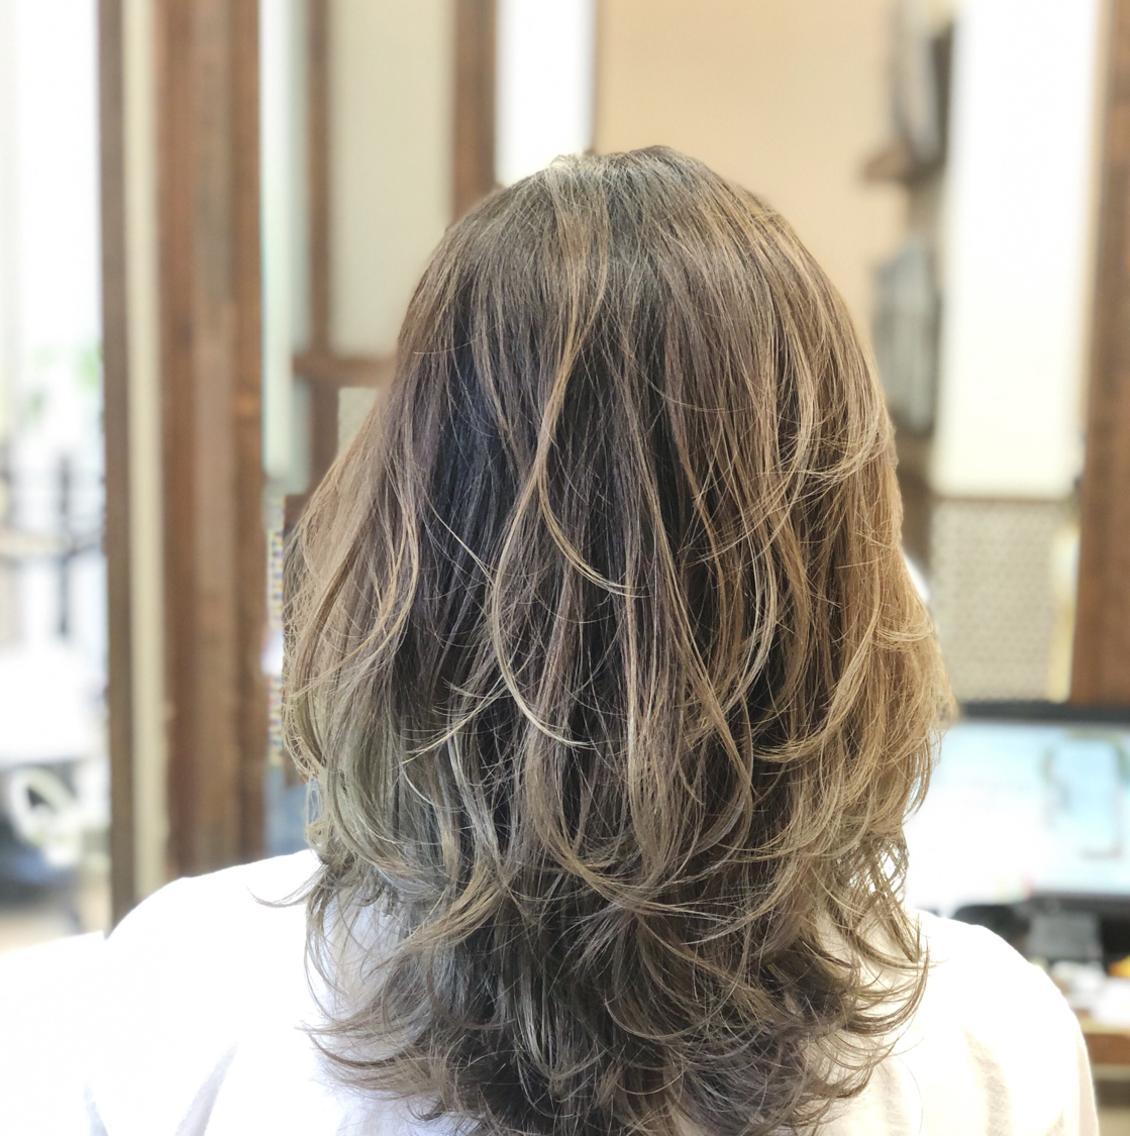 当日予約OK◎《初回限定》《2回目以降》✨minimo✨特別価格☝️イルミナ・アッシュ系・暗髪・ダメージレス艶髪カラーが得意です‼️